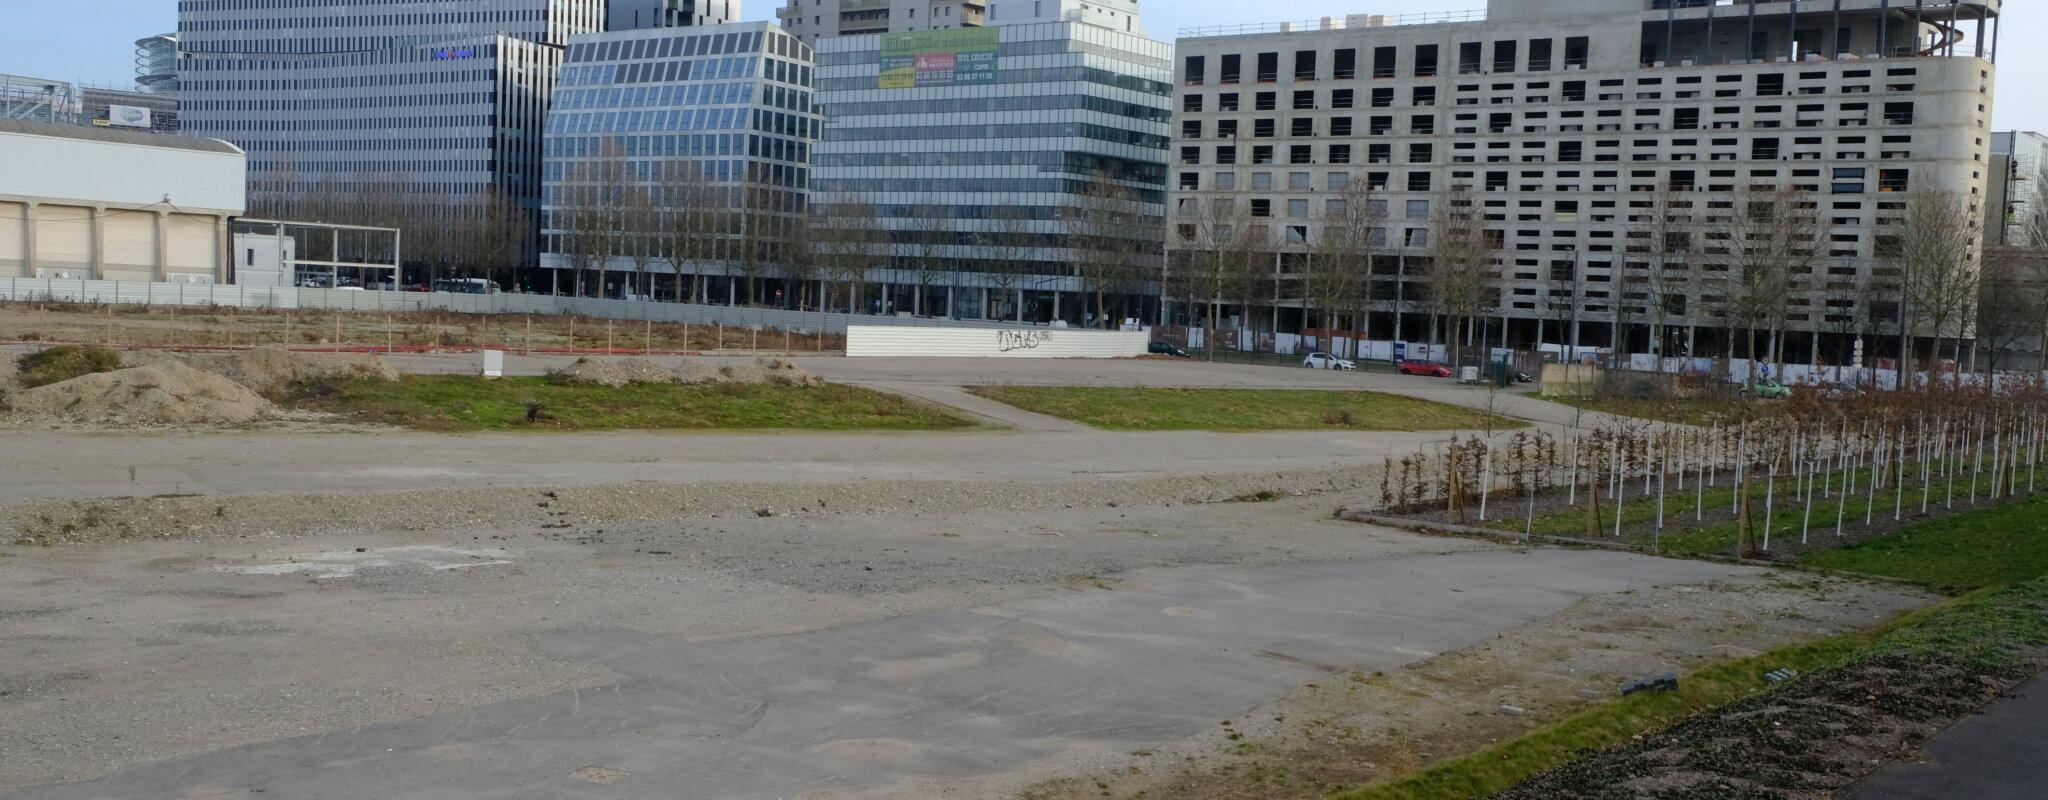 D'une cité-jardin aux tours ultramodernes: le quartier Wacken en pleine mutation